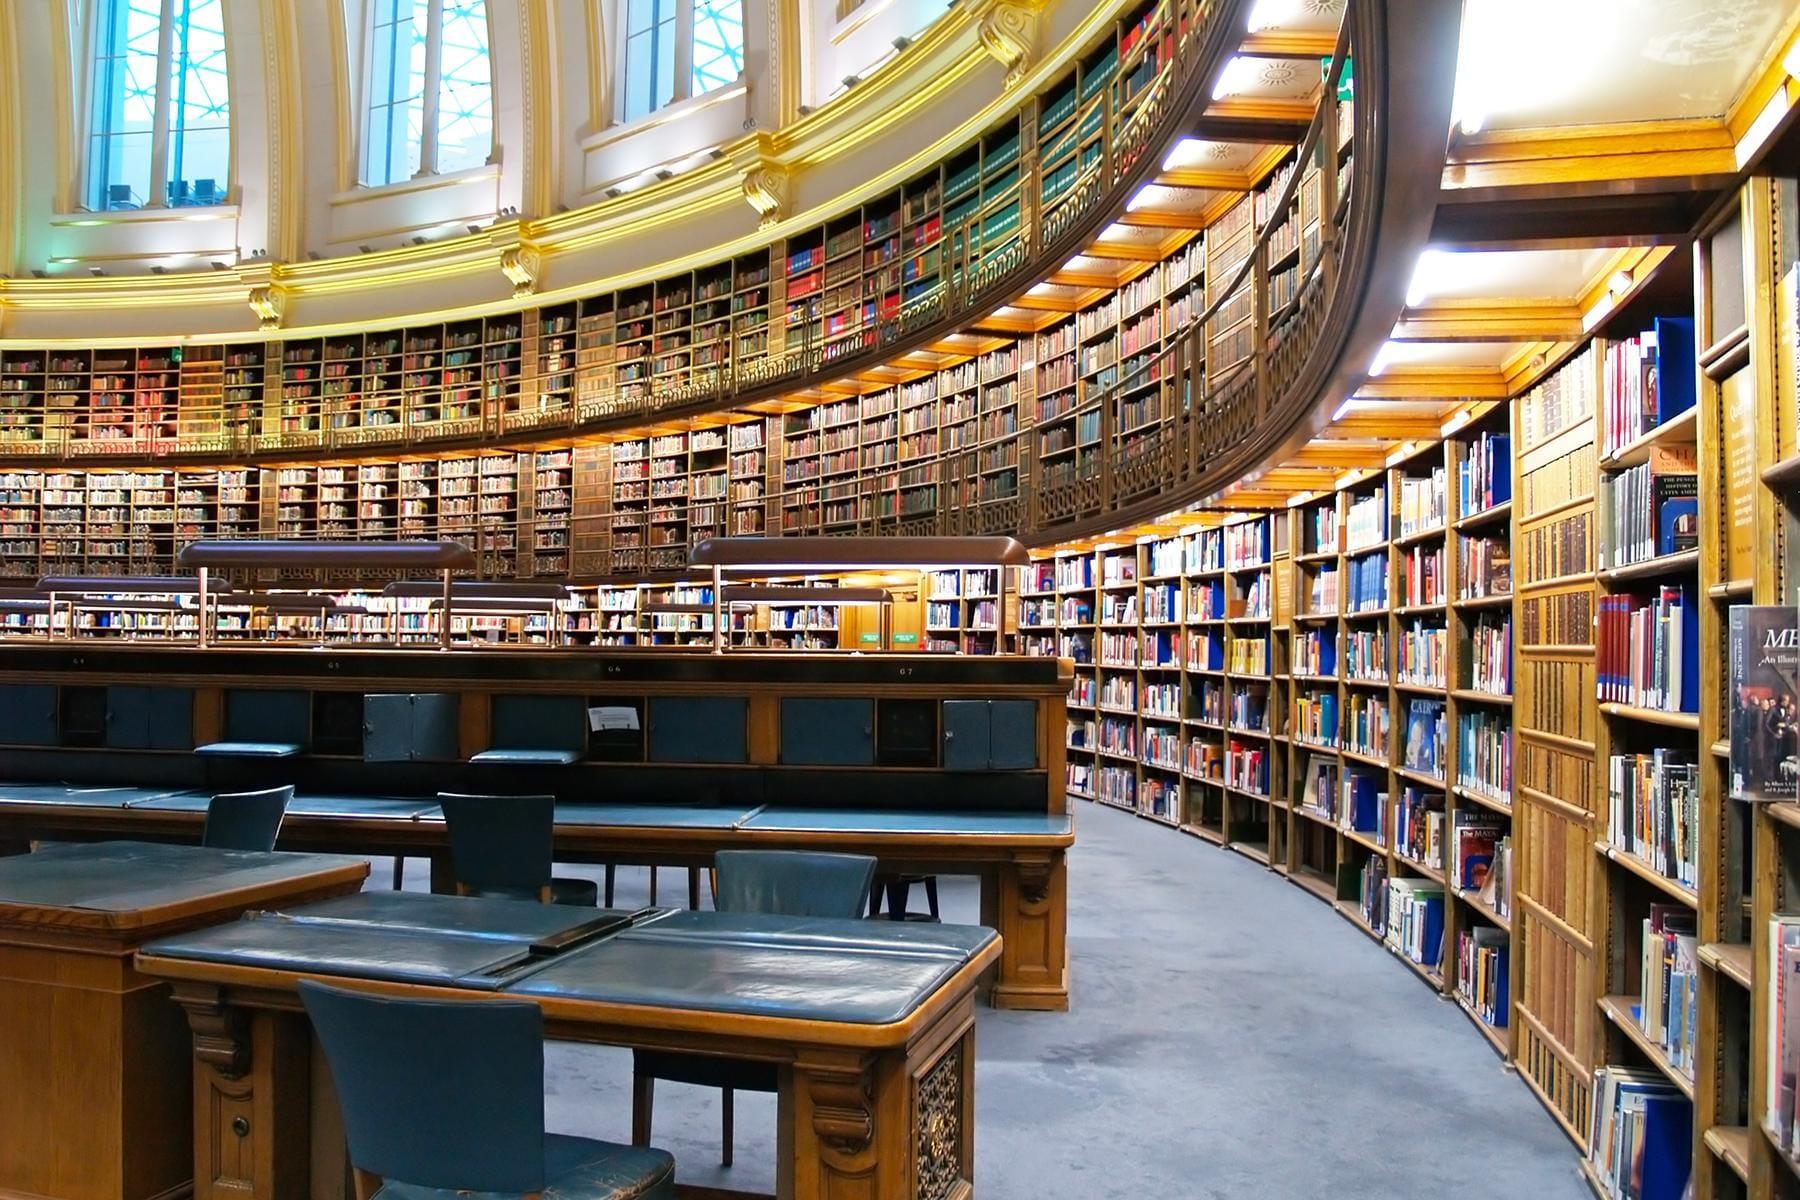 библиотечное дело картинки для ценители прекрасного испытали